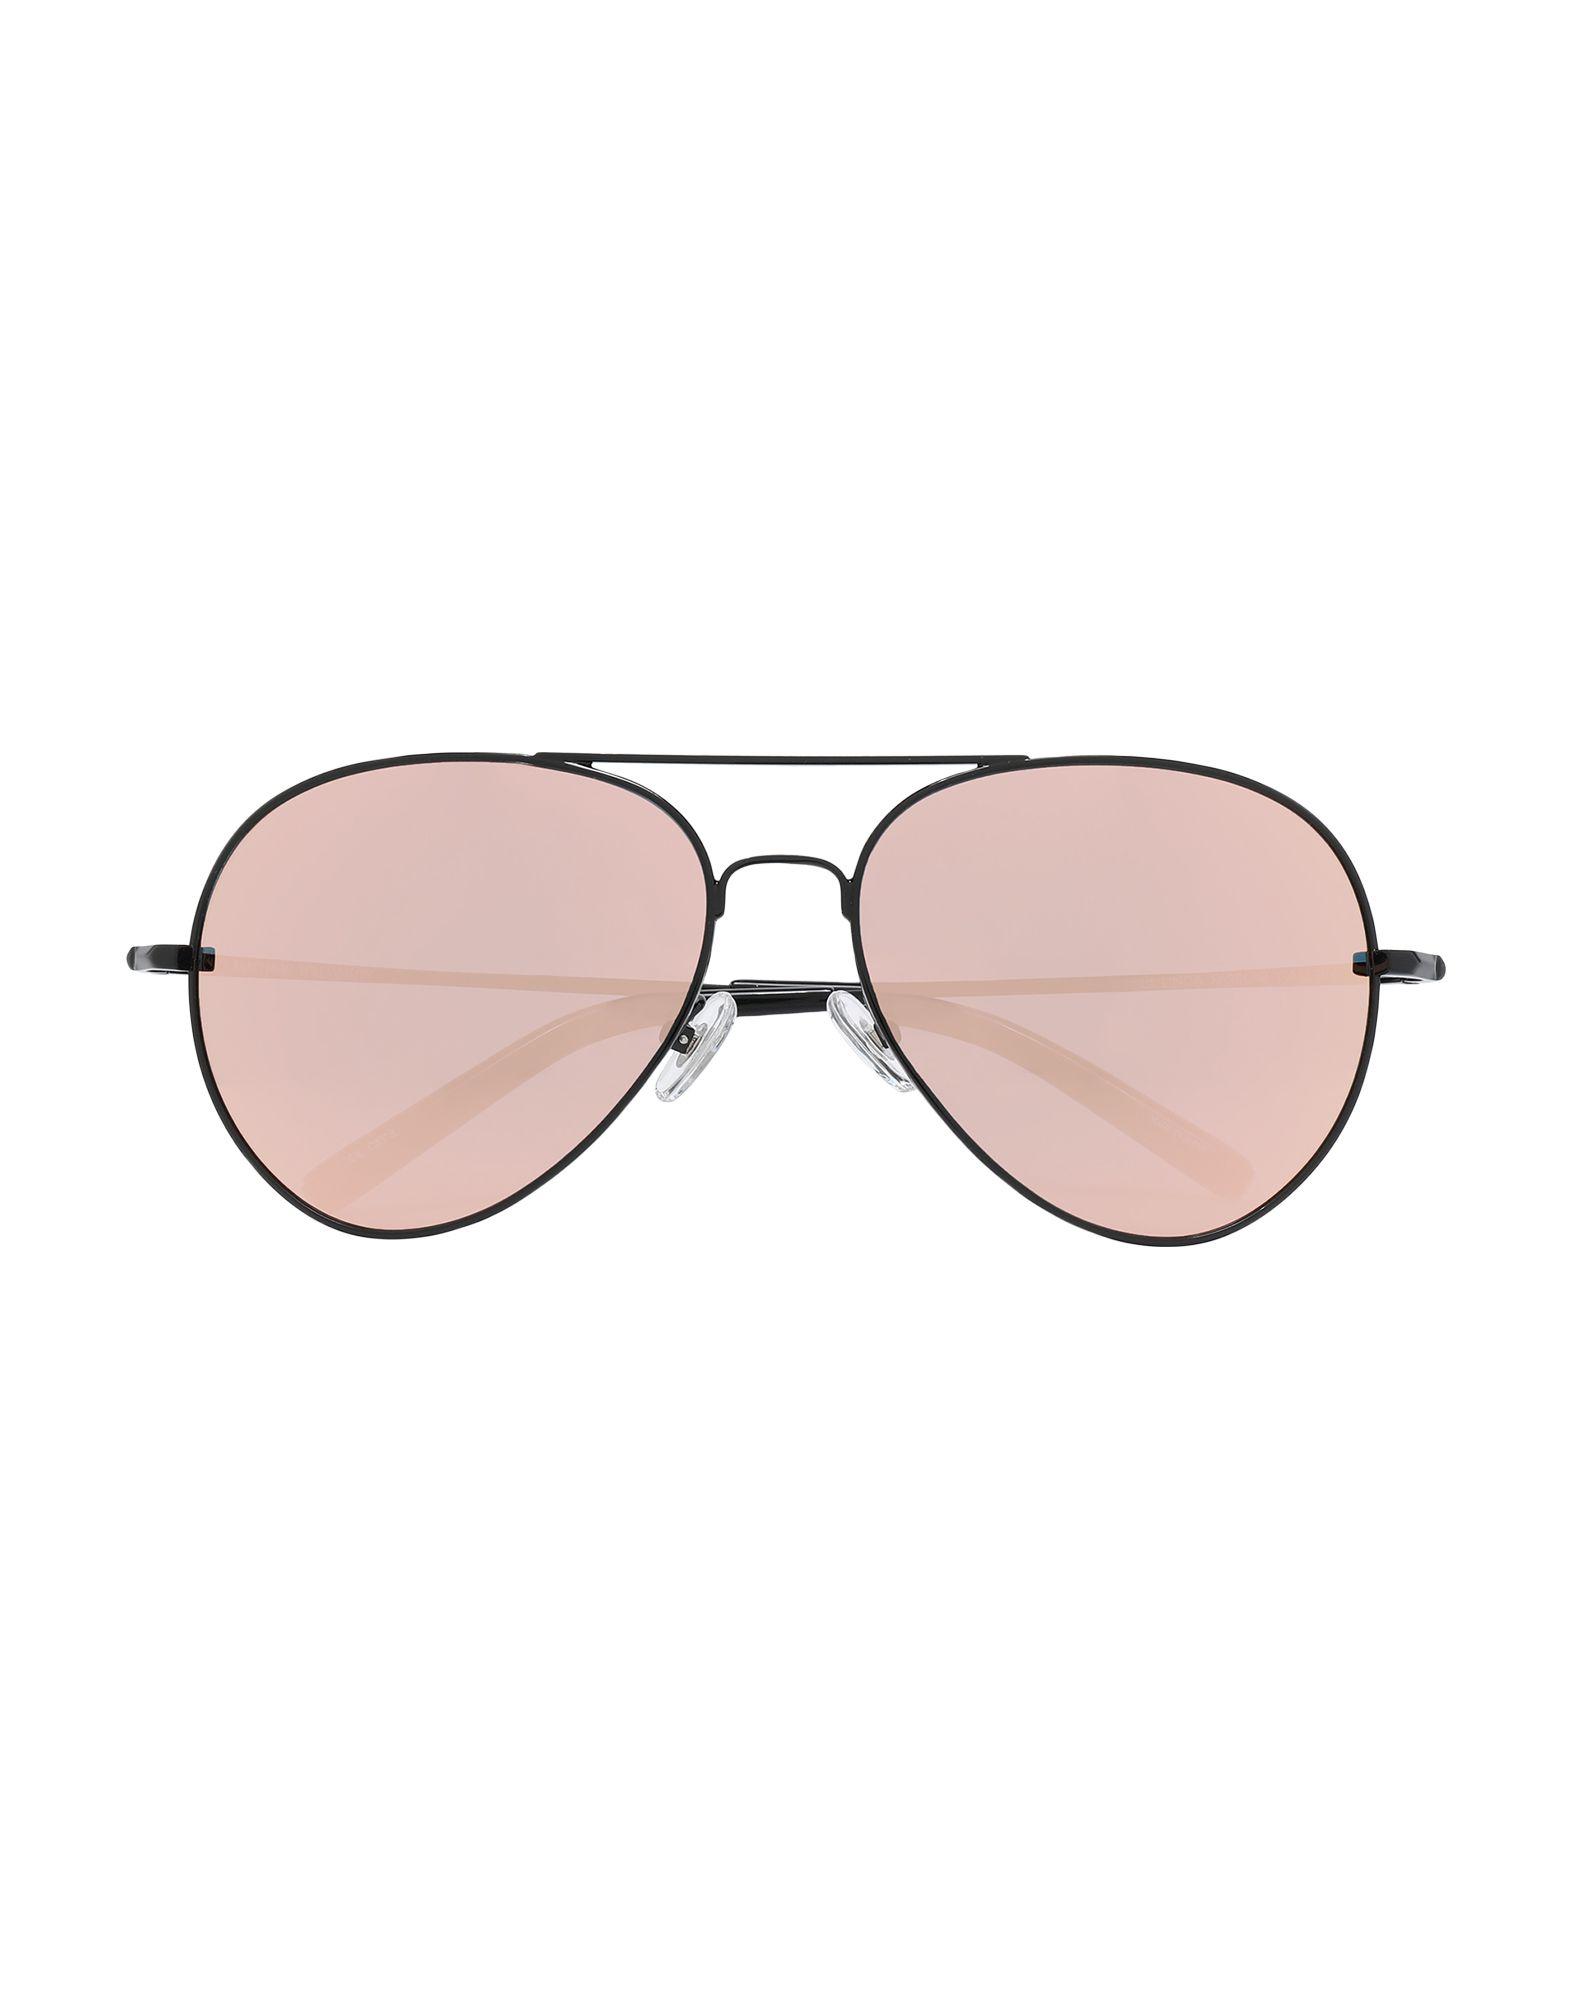 все цены на LINDA FARROW x MATTHEW WILLIAMSON Солнечные очки